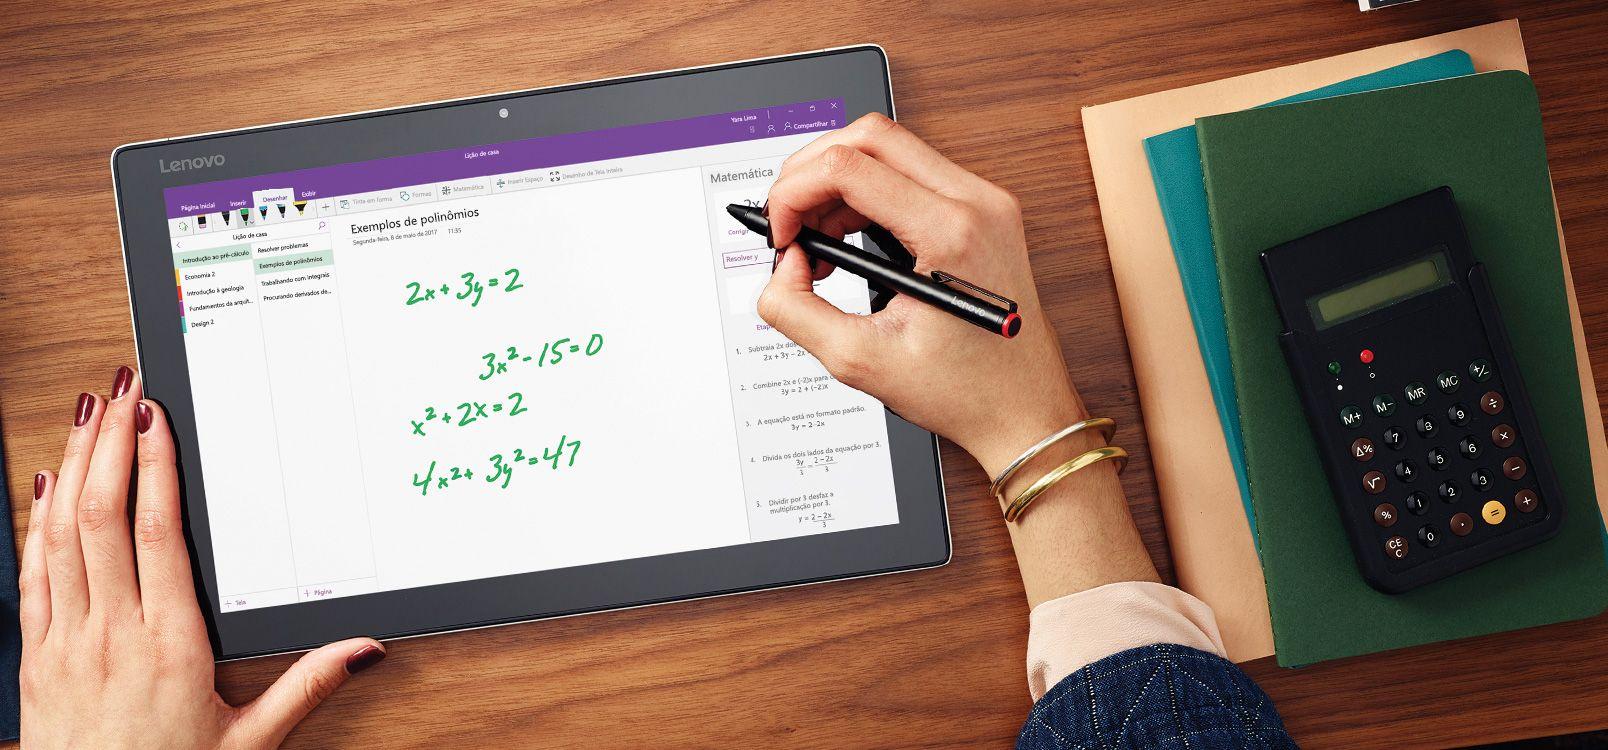 Tela de um tablet mostrando o OneNote utilizando o assistente de expressões matemáticas à tinta